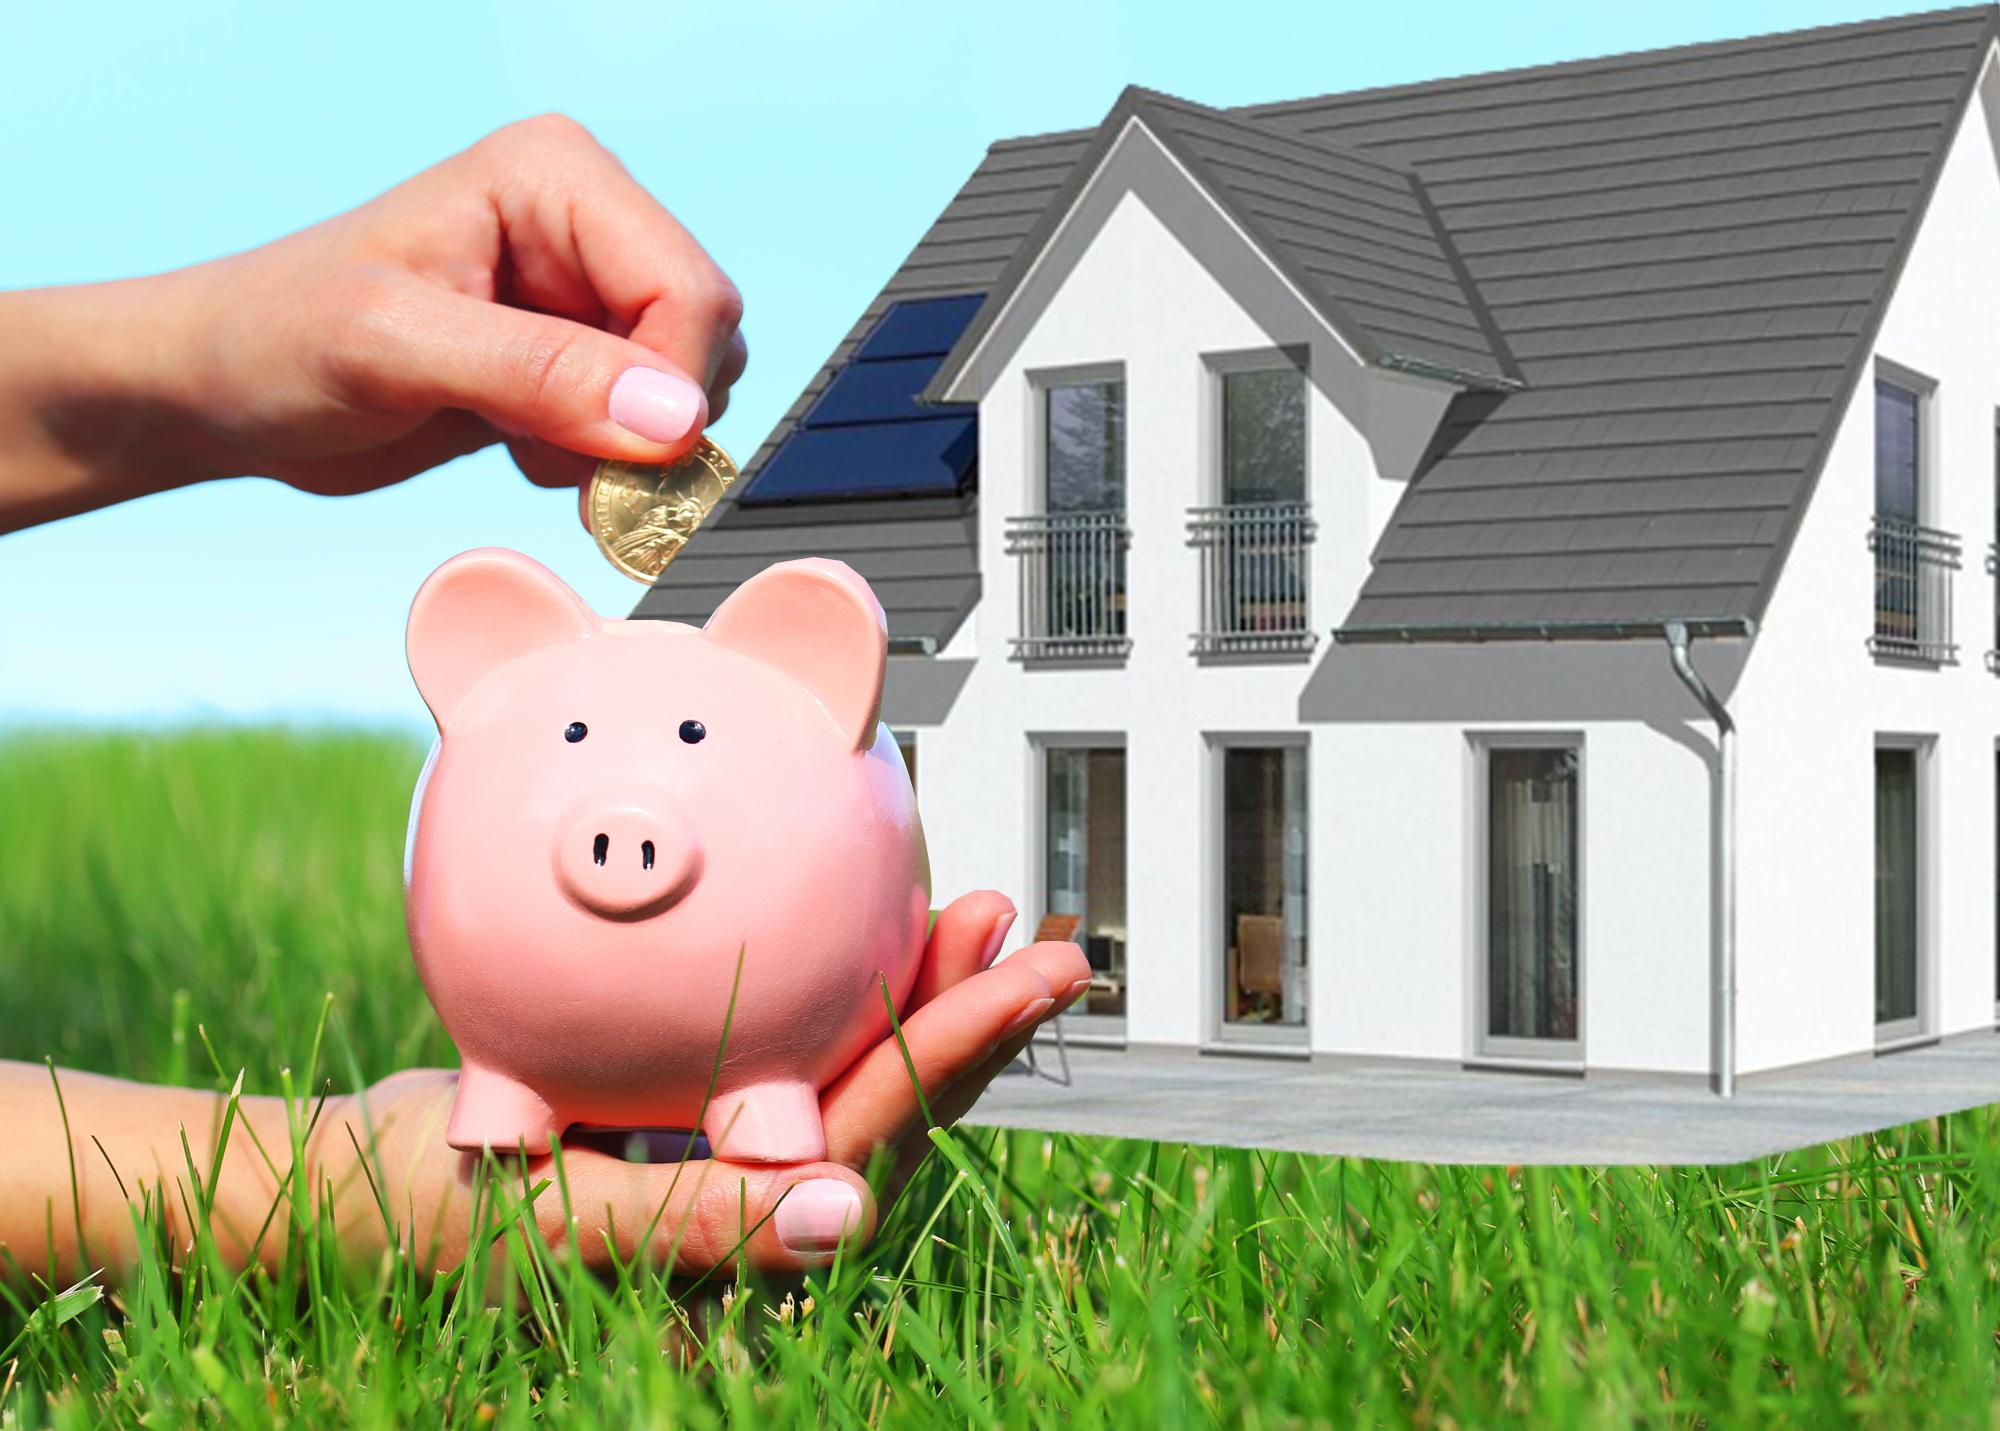 Town amp Country - Verbrauchertipp: Mit eingesparter Miete Massivhaus finanzieren